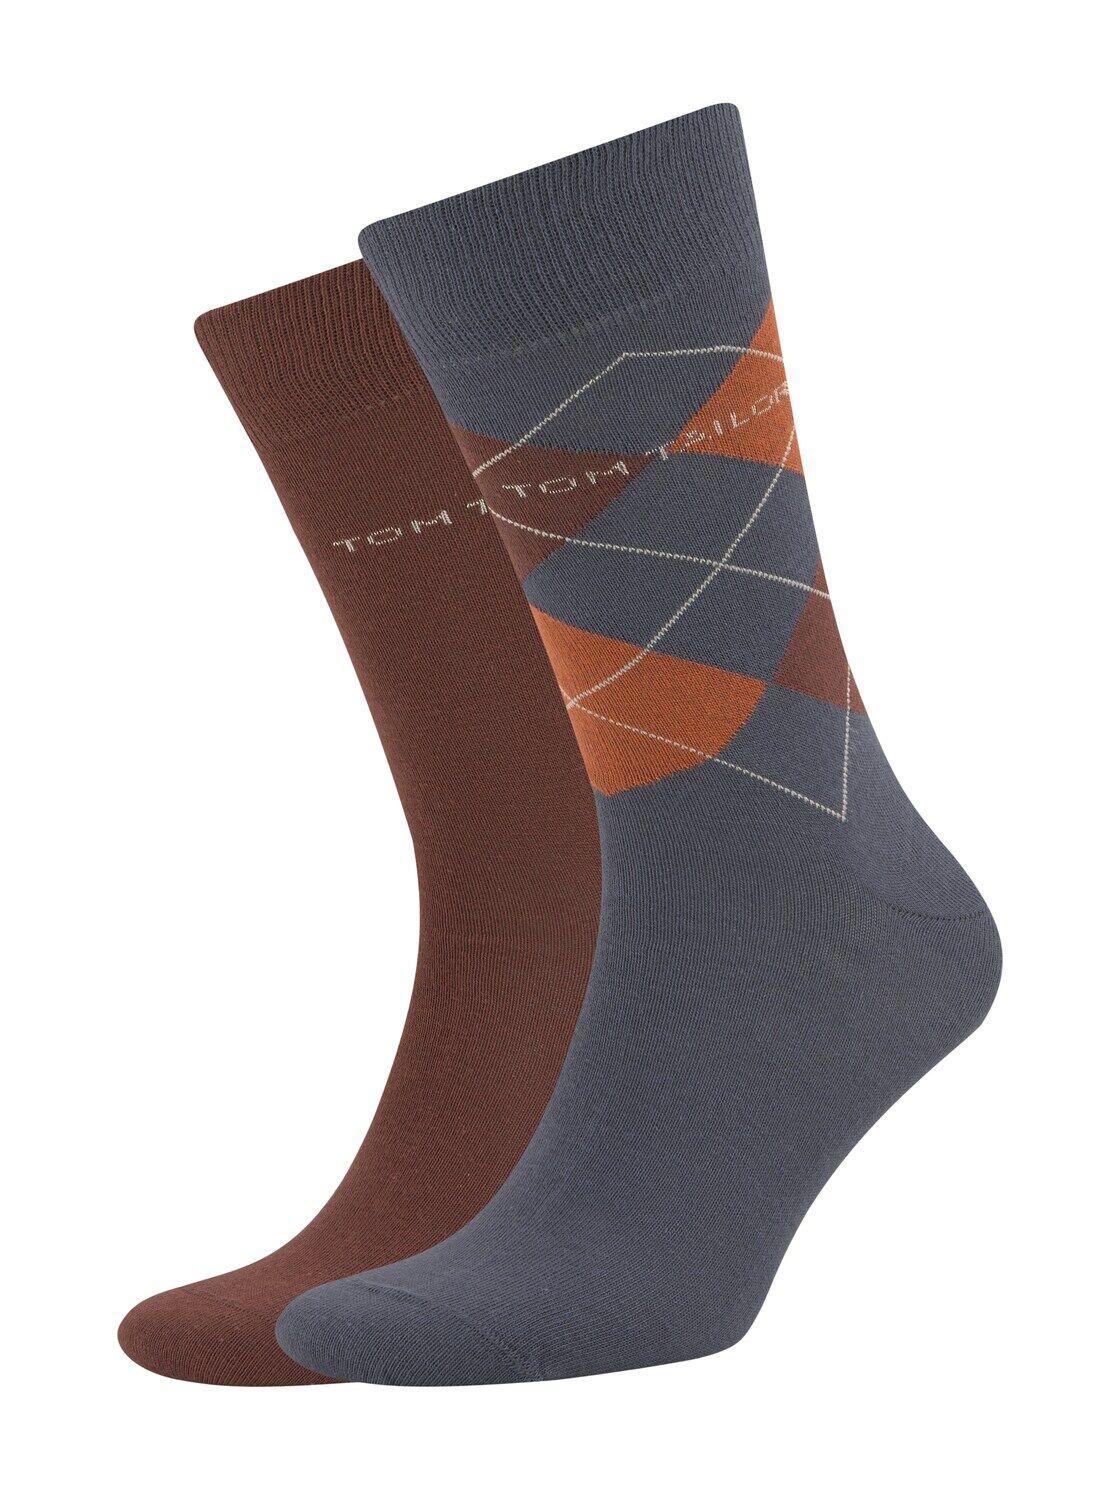 TOM TAILOR Herren Socken im Doppel-Pack, braun, Gr.43-46